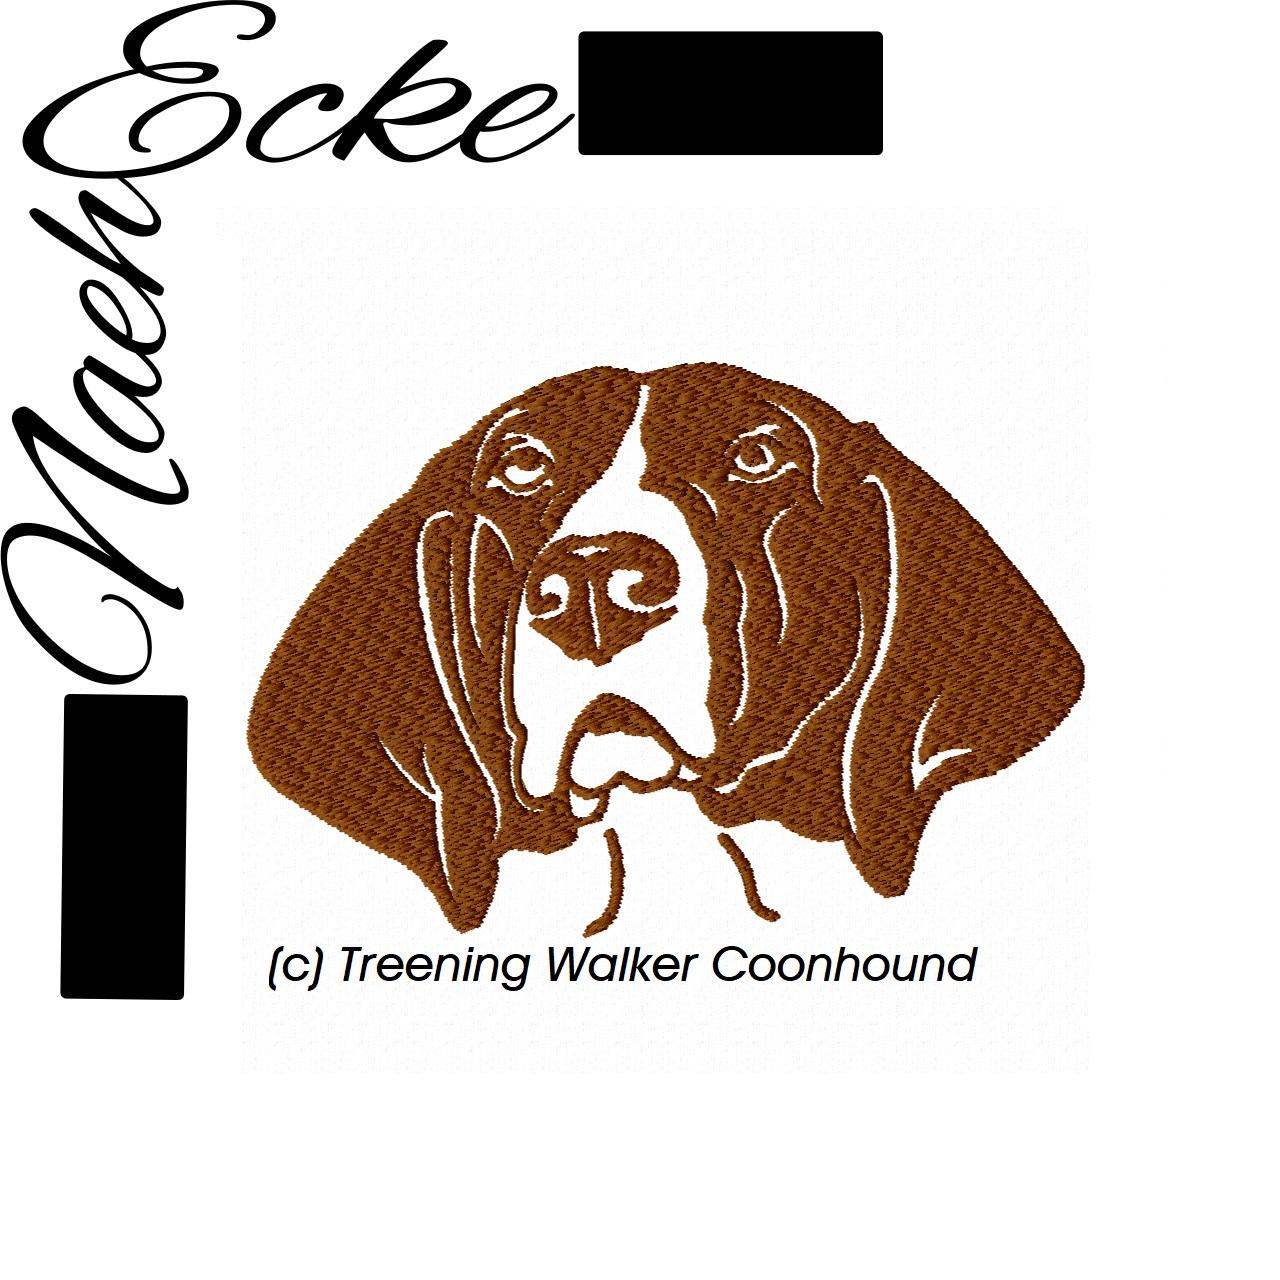 Treening Walker Coonhound